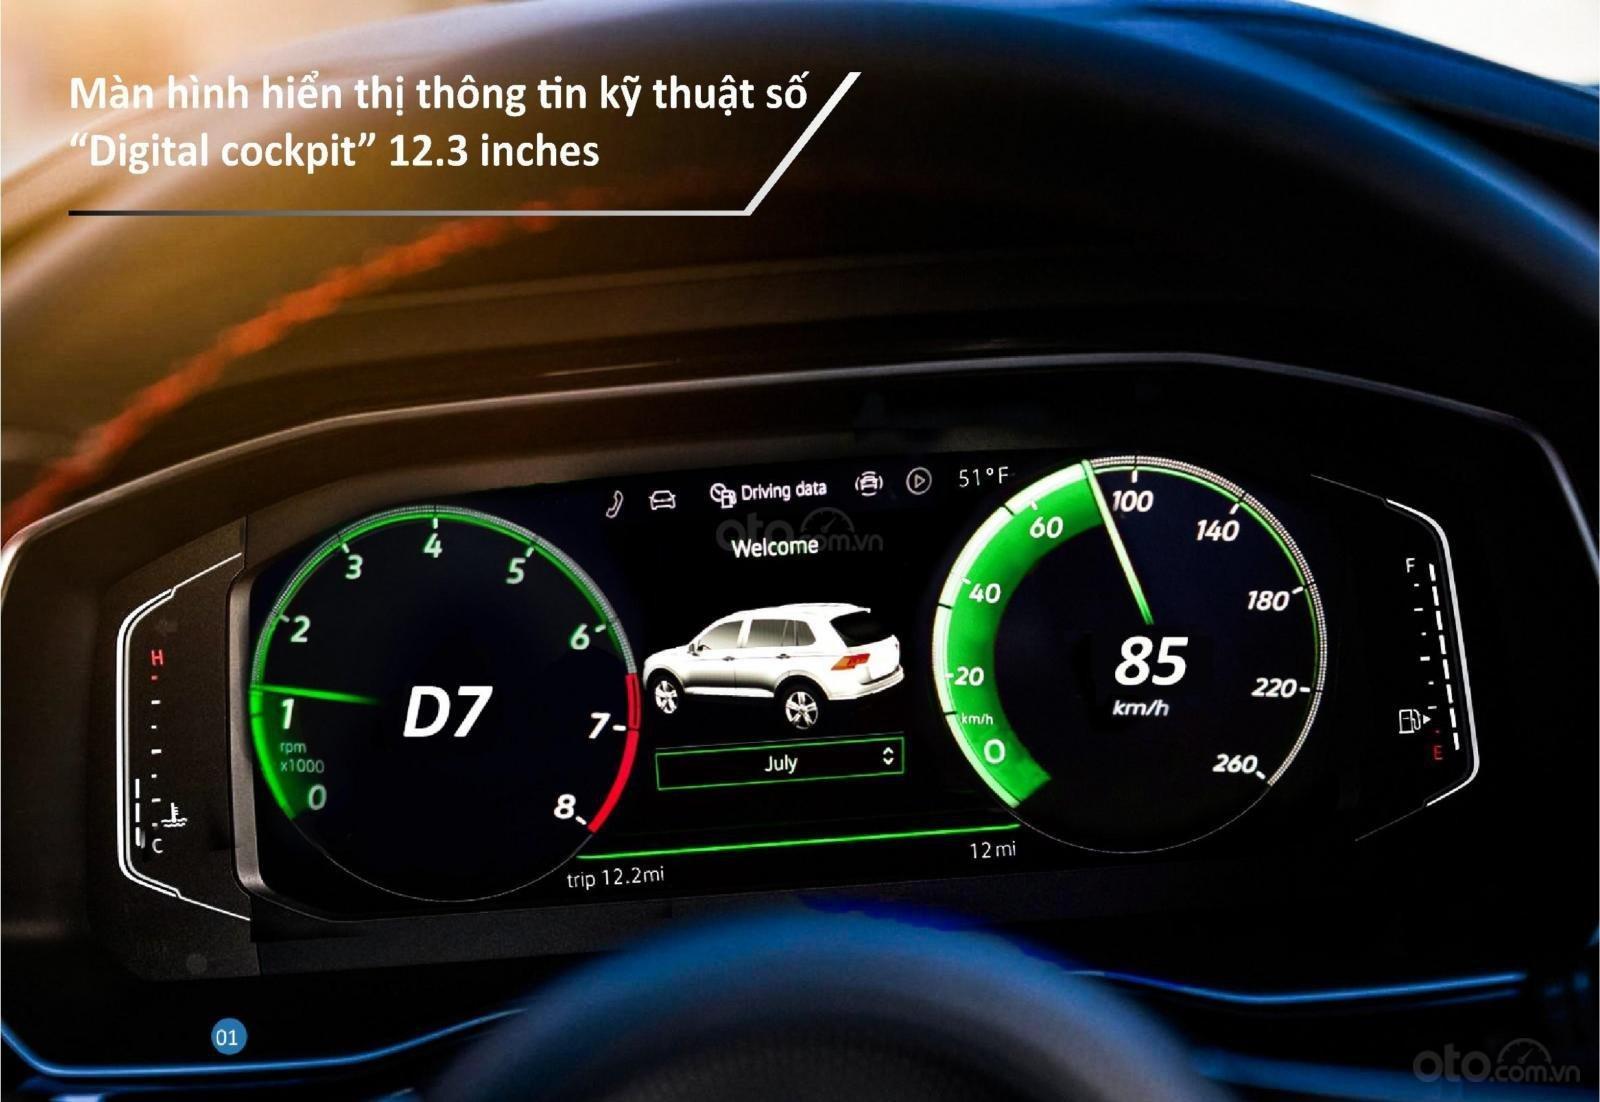 Tặng Ip 12 + bảo hiểm + bảo dưỡng xe miễn phí khi mua xe Tiguan Luxury S 2021, kèm nhiều ưu đãi khác nữa, lh ngay Ms Uyên (11)